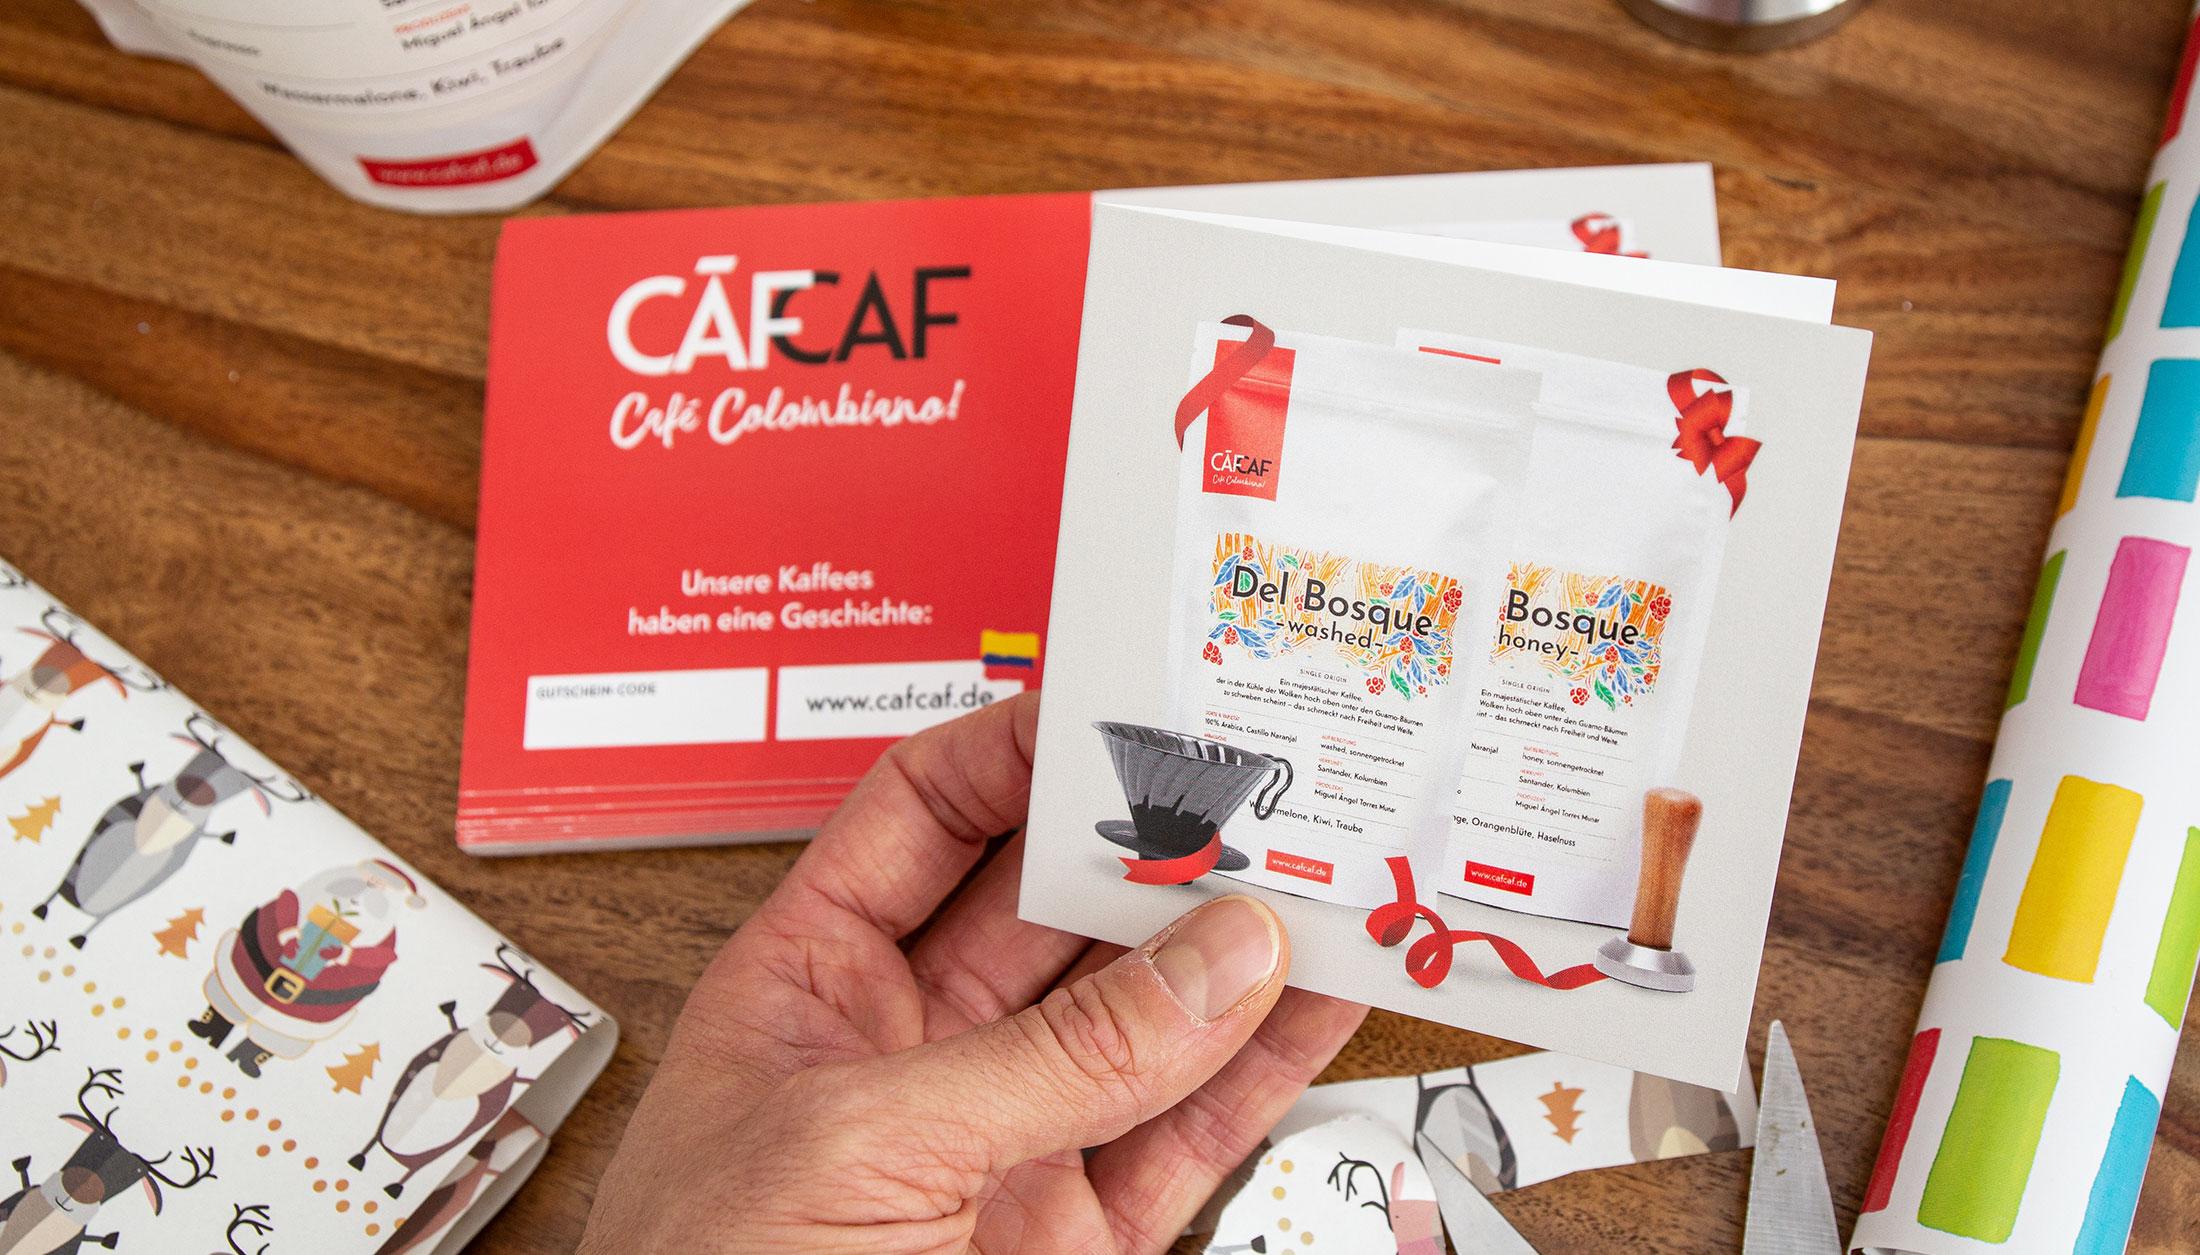 CafCaf Kaffee Gutschein zum Verschenken